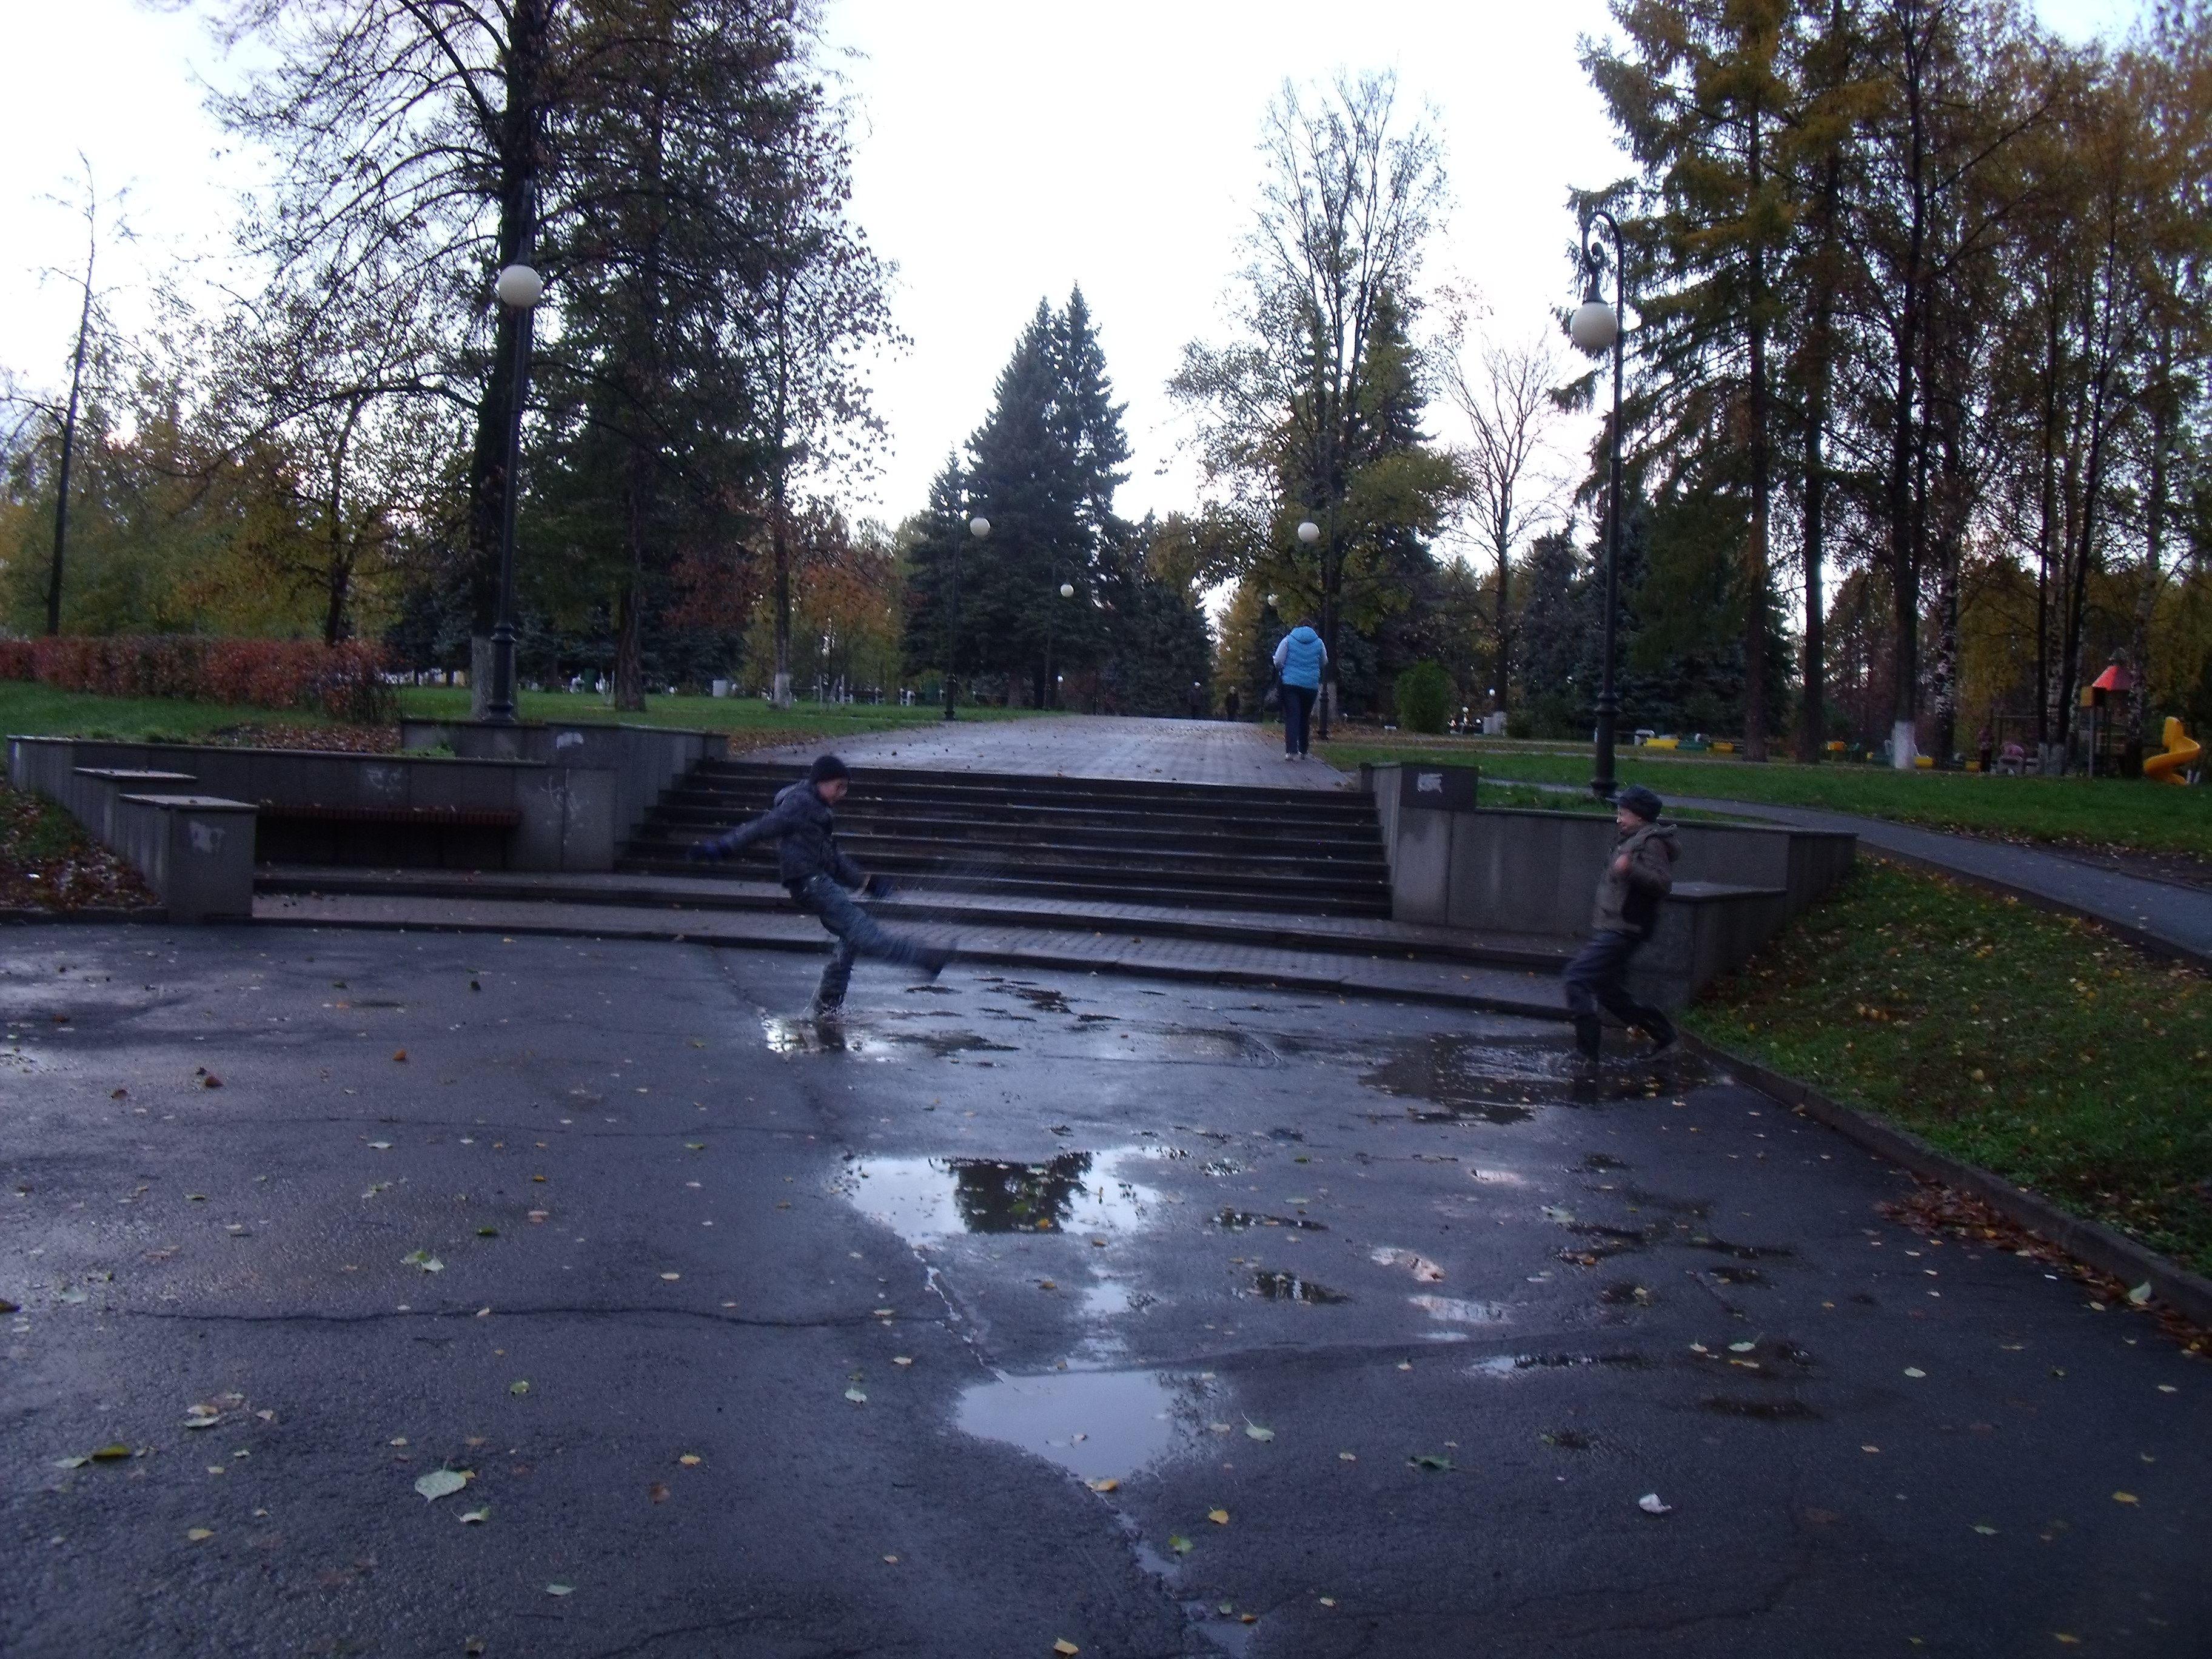 Nens jugant a llençar-se aigua dels bassals.